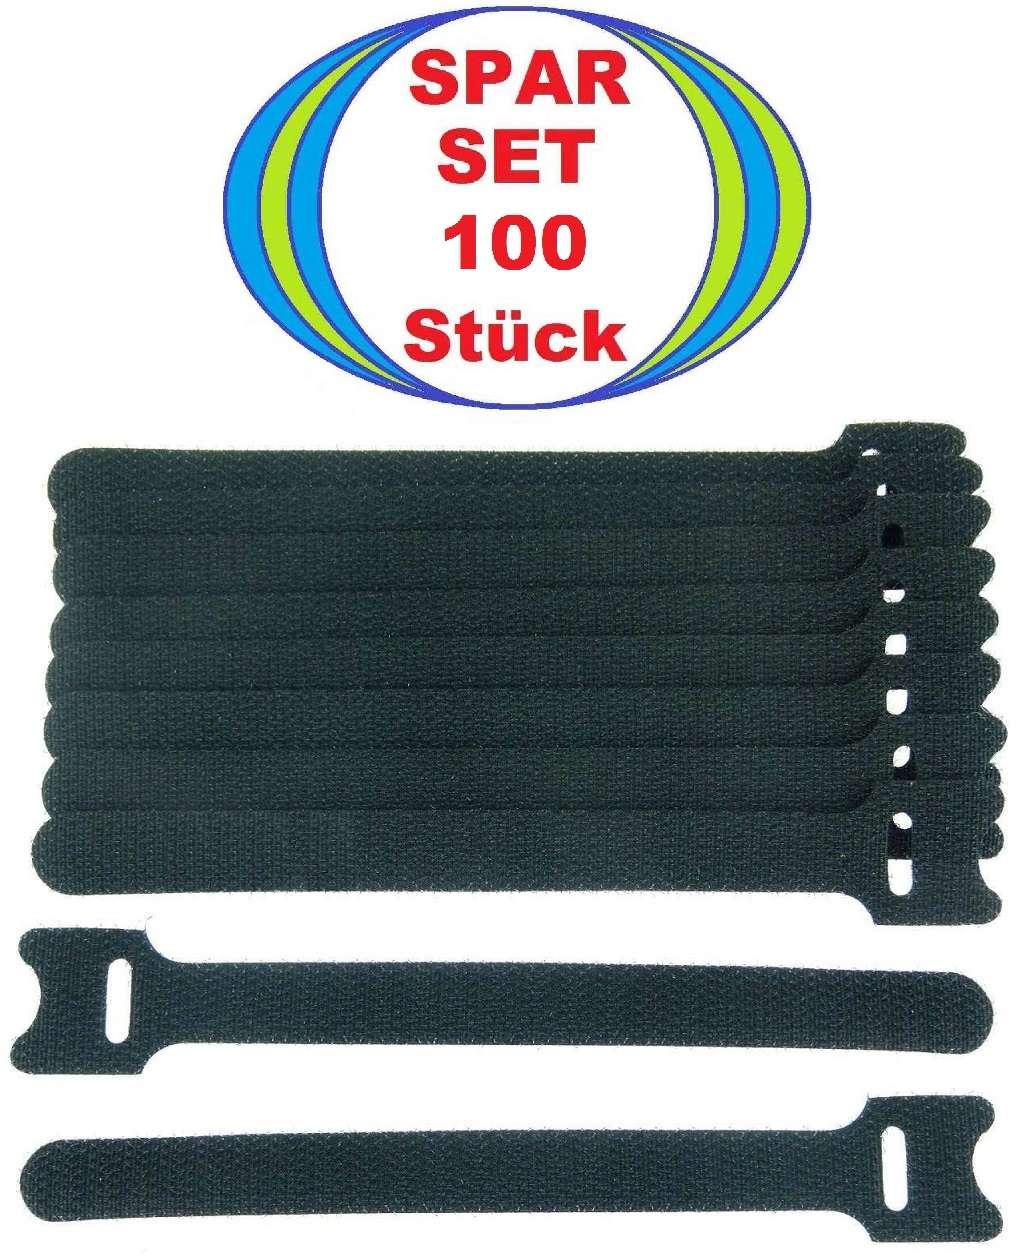 60 x Klettkabelbinder ECO GEMISCHT schwarz Klettbänder Kabelklettband NEU